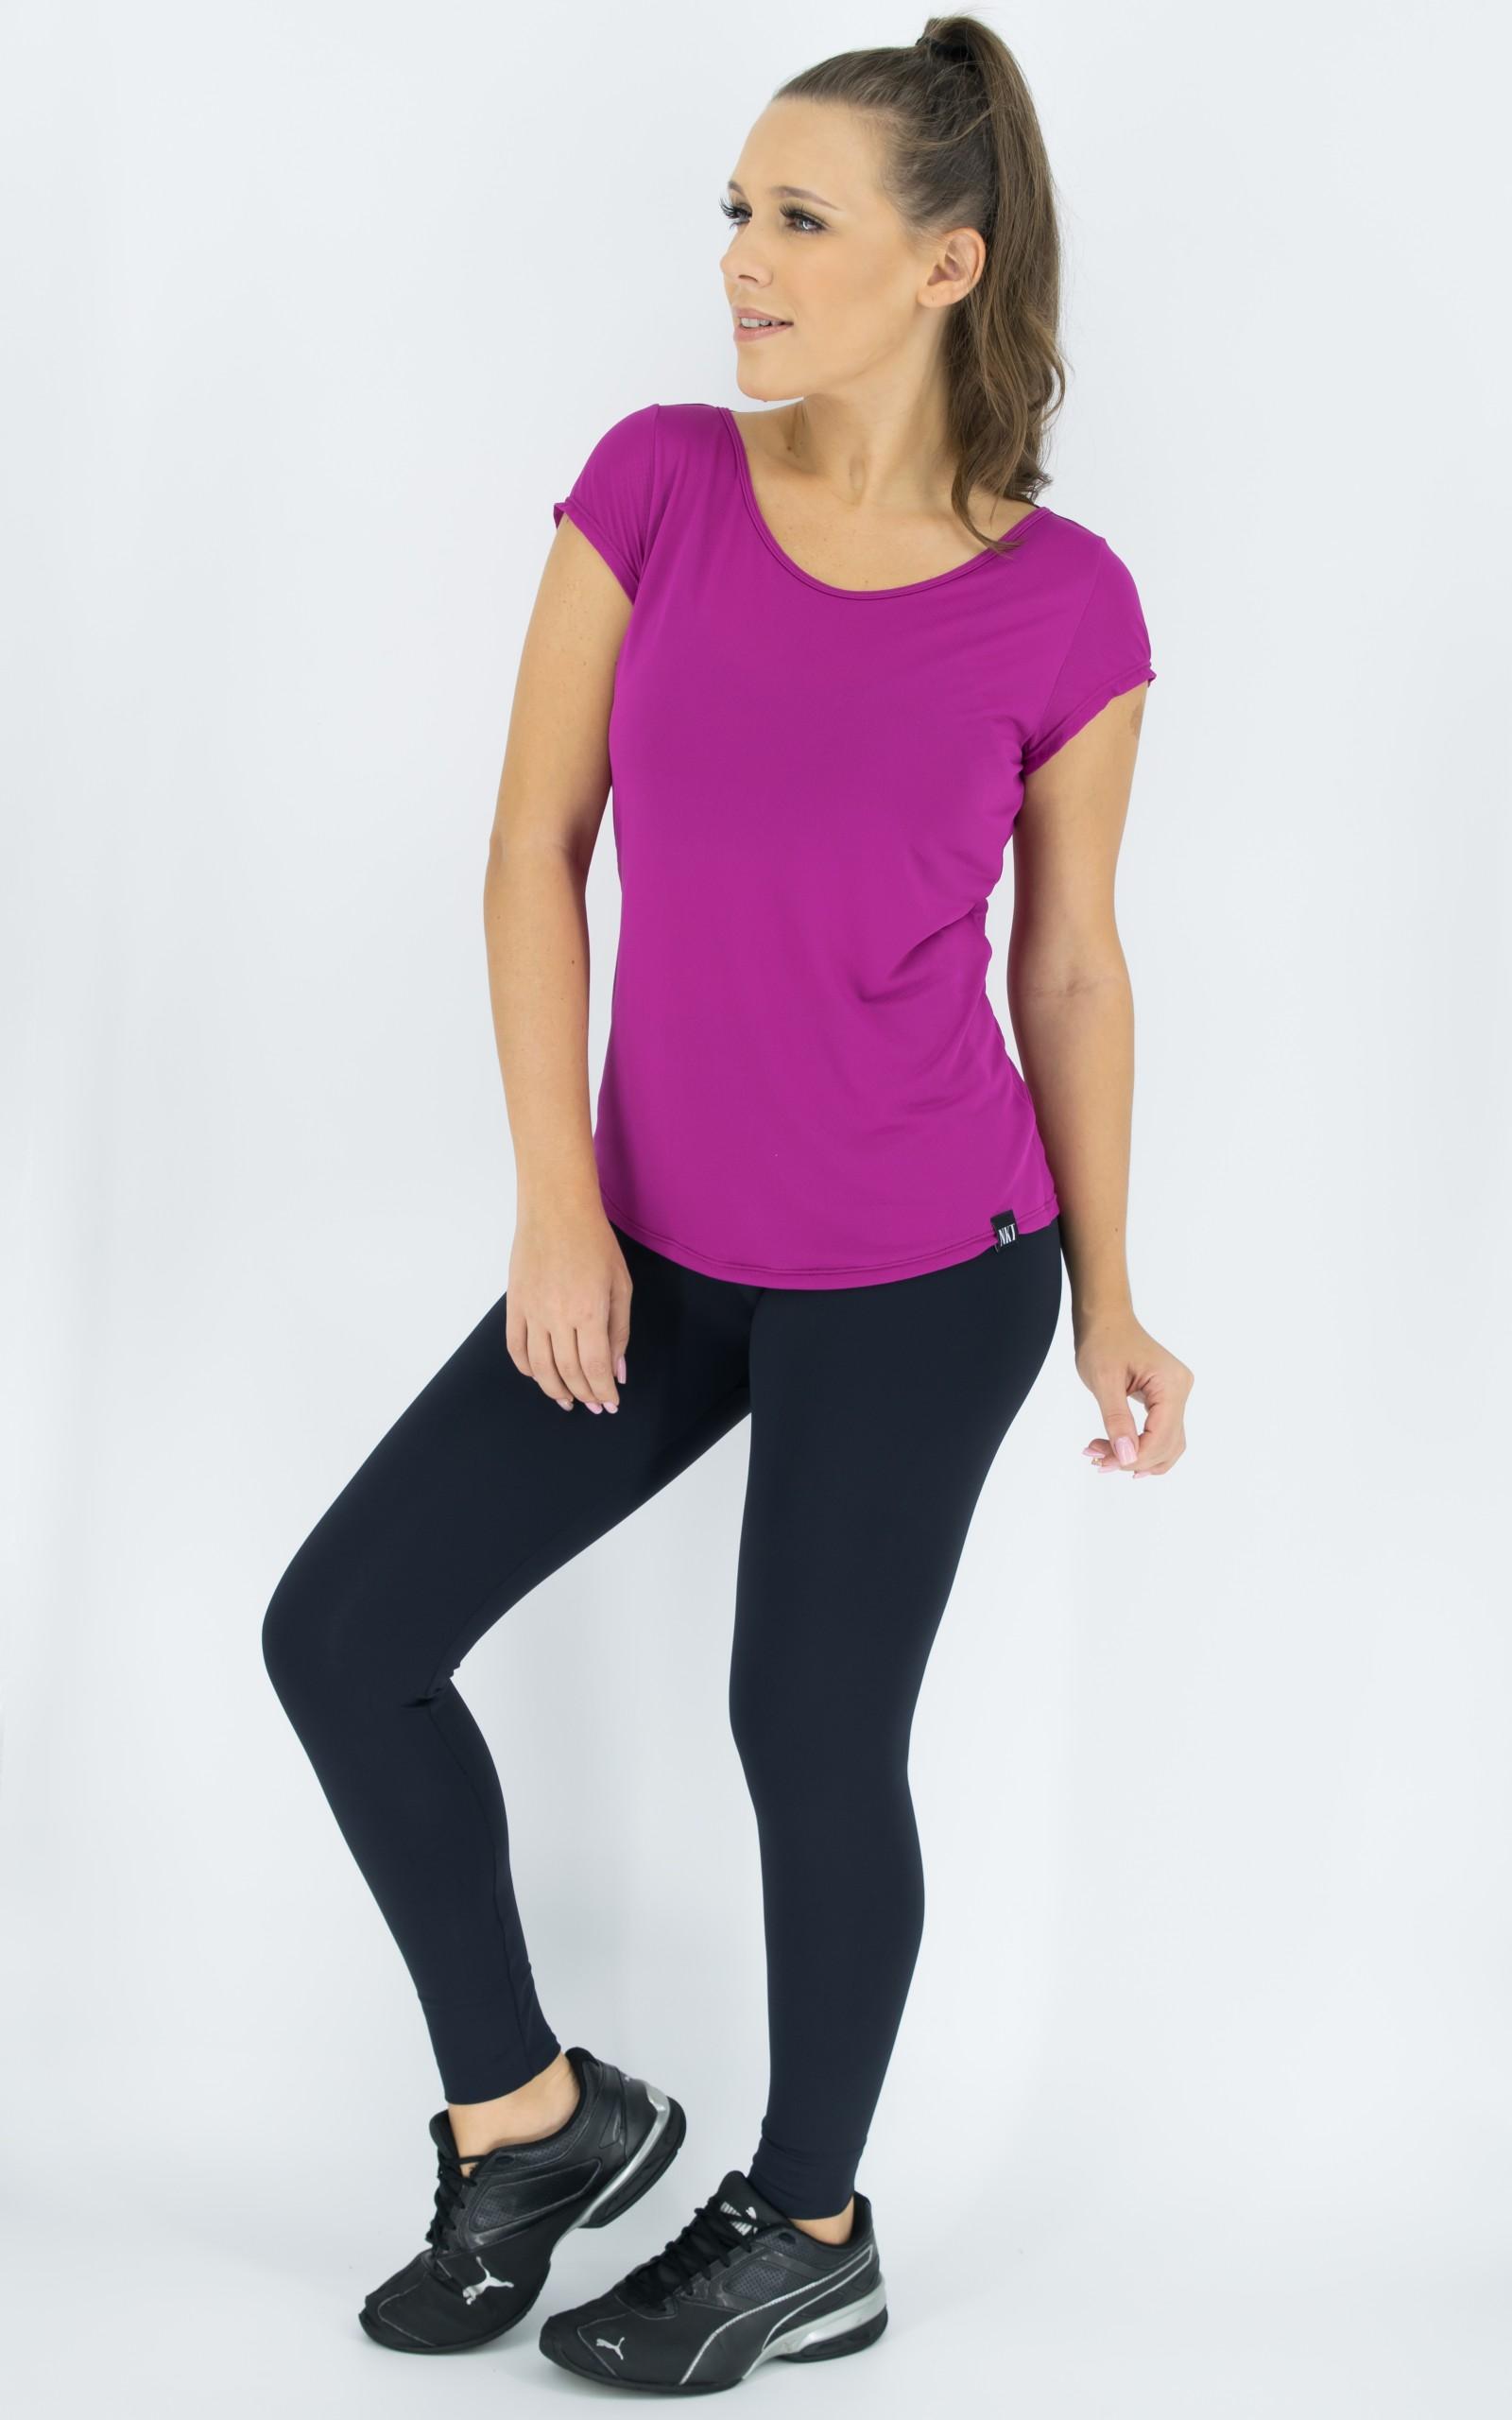 Blusa Special Rouge, Coleção Move Your Body - NKT Fitwear Moda Fitness